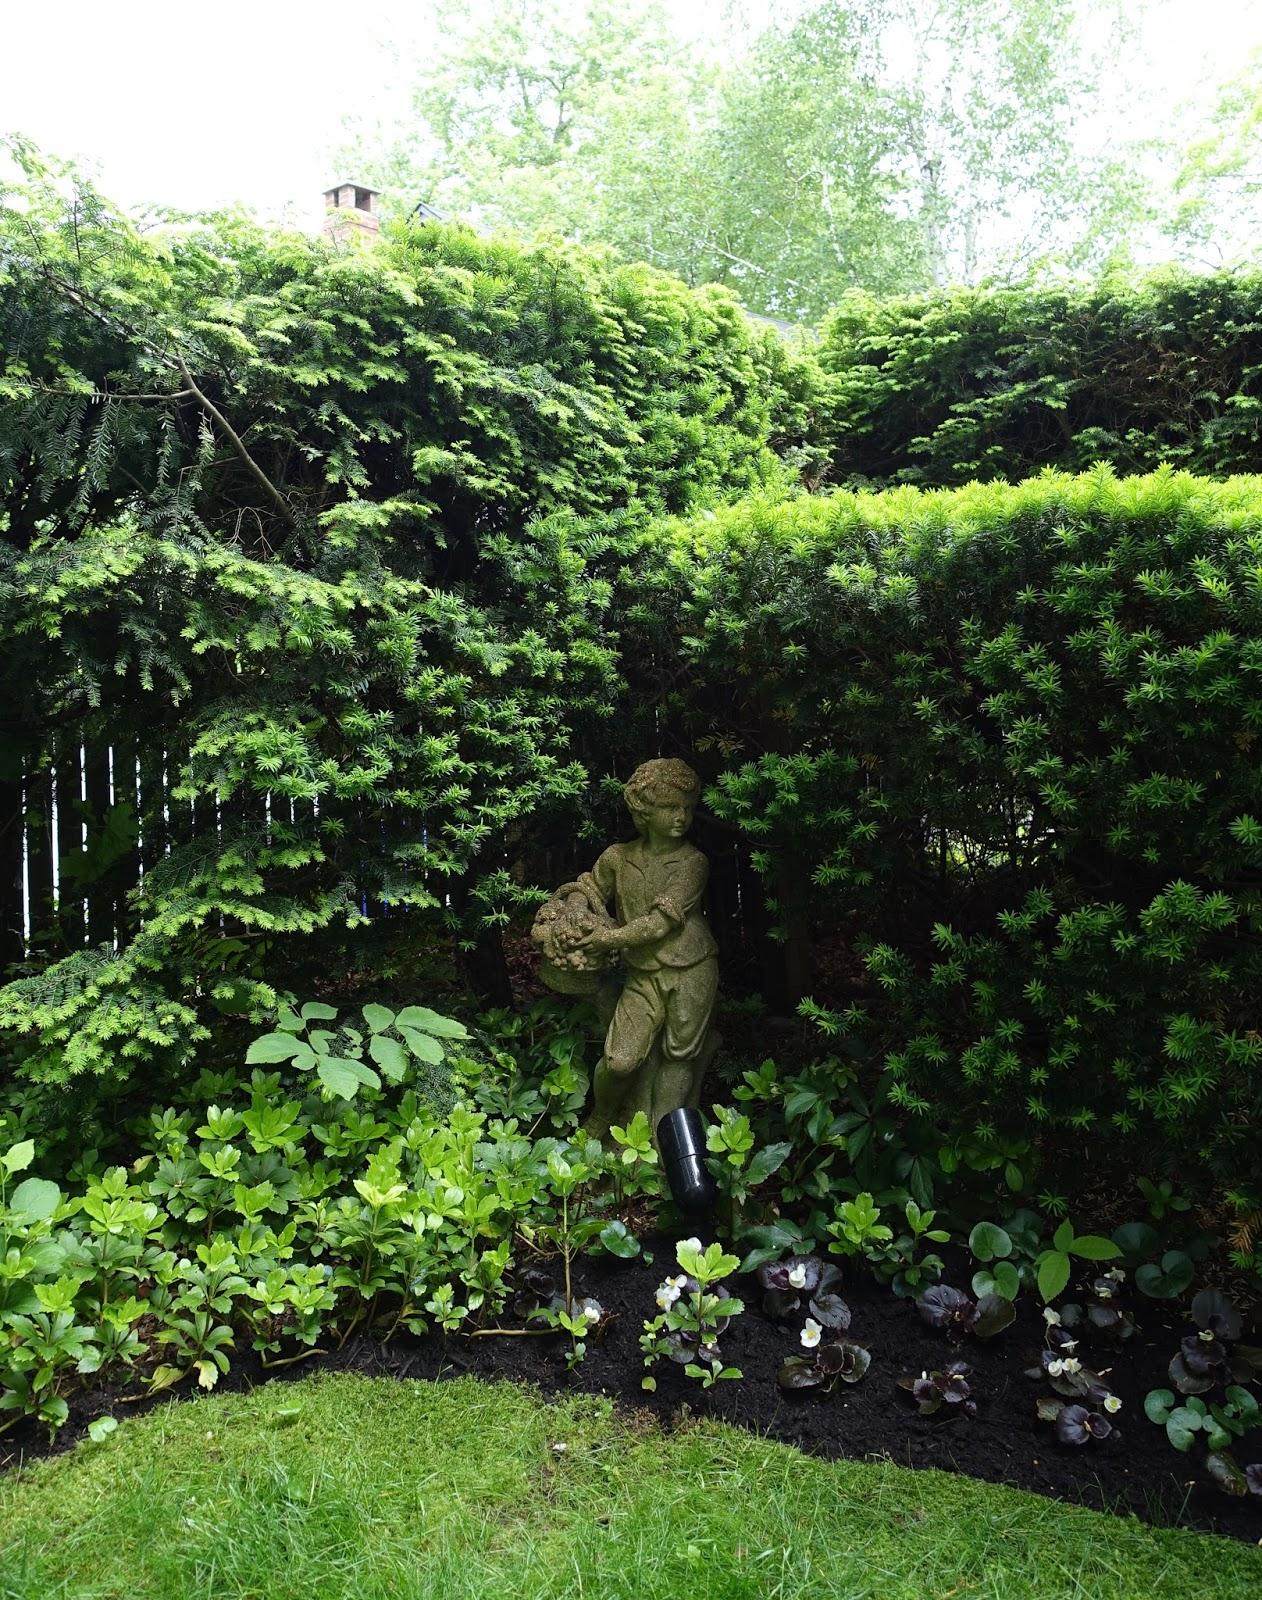 Idyll Haven A Garden Conservancy Open Days Gem